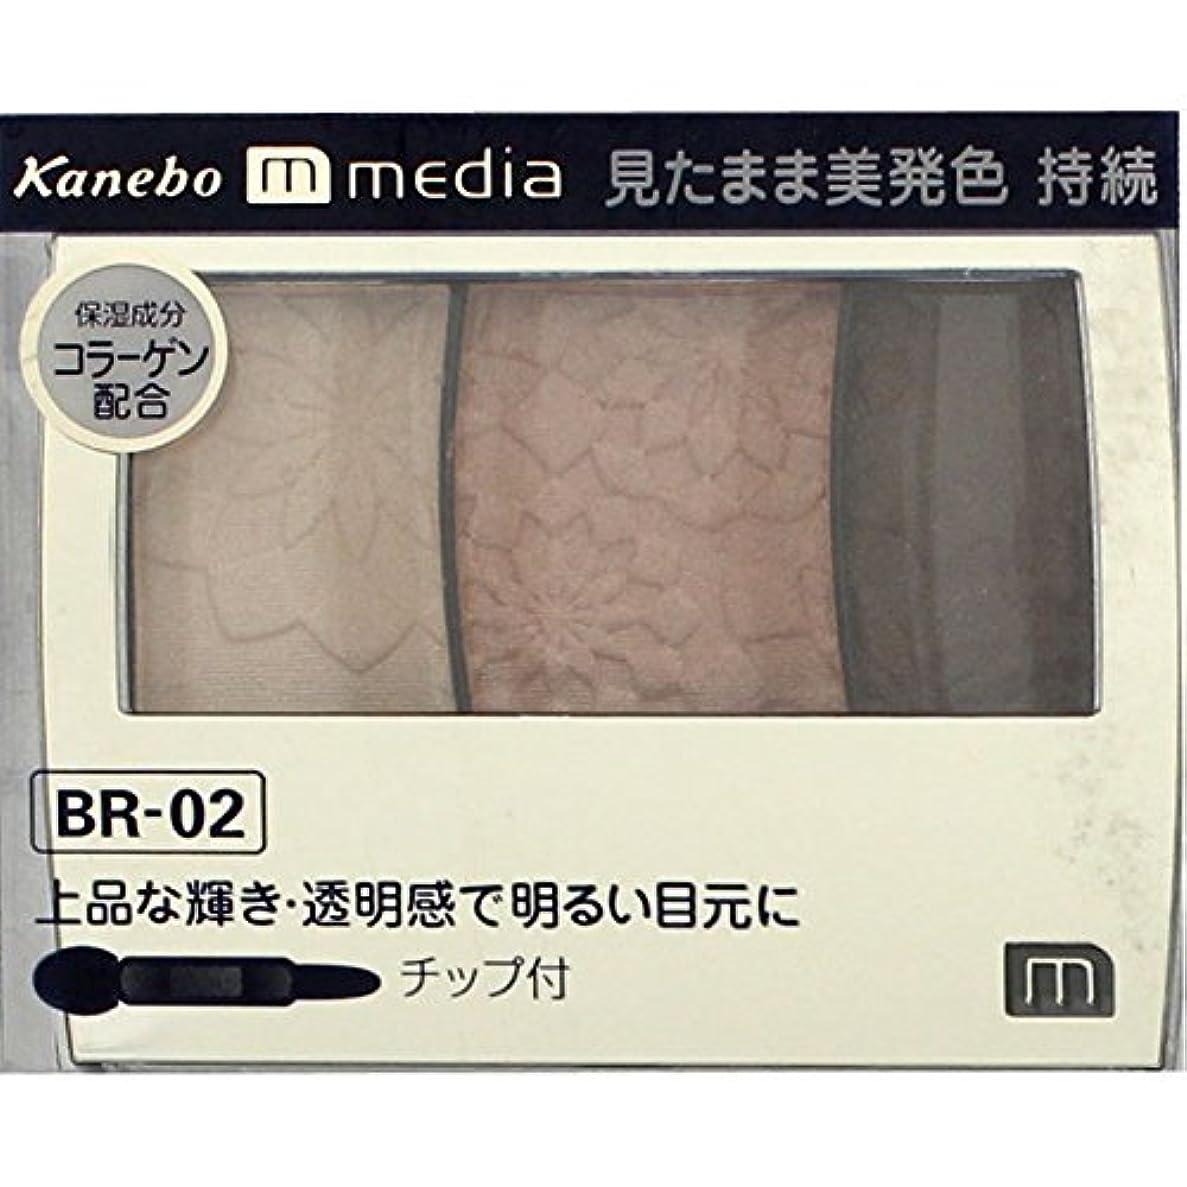 民族主義橋脚次【カネボウ】 メディア グラデカラーアイシャドウ BR-02